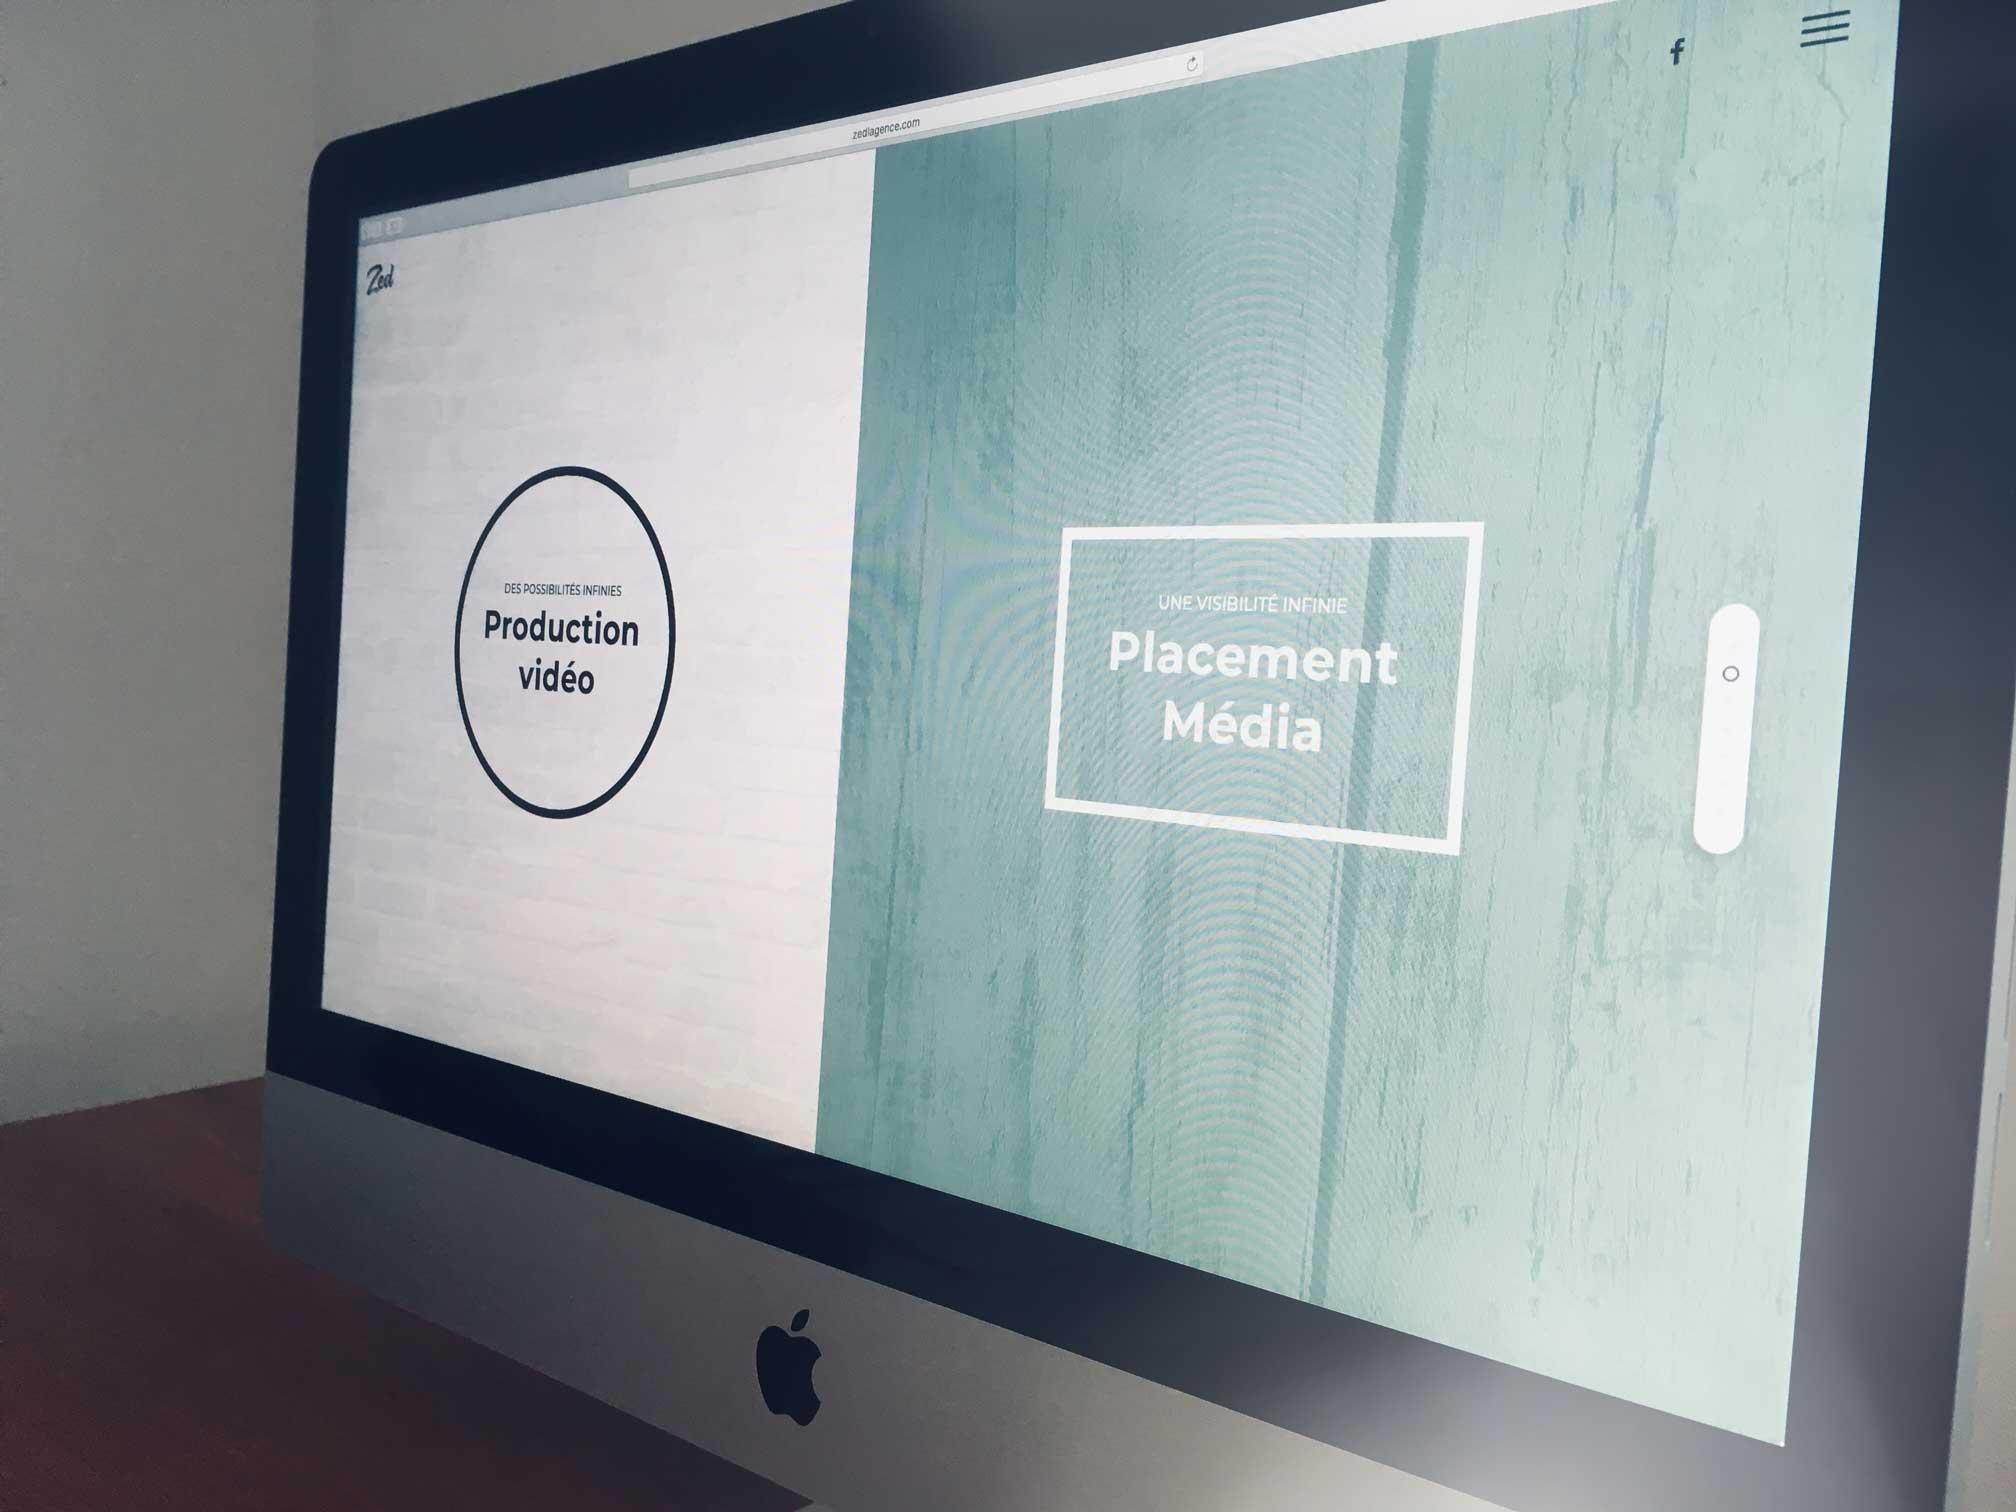 Nouveau site web de Zed l'agance dans un écran d'ordinateur